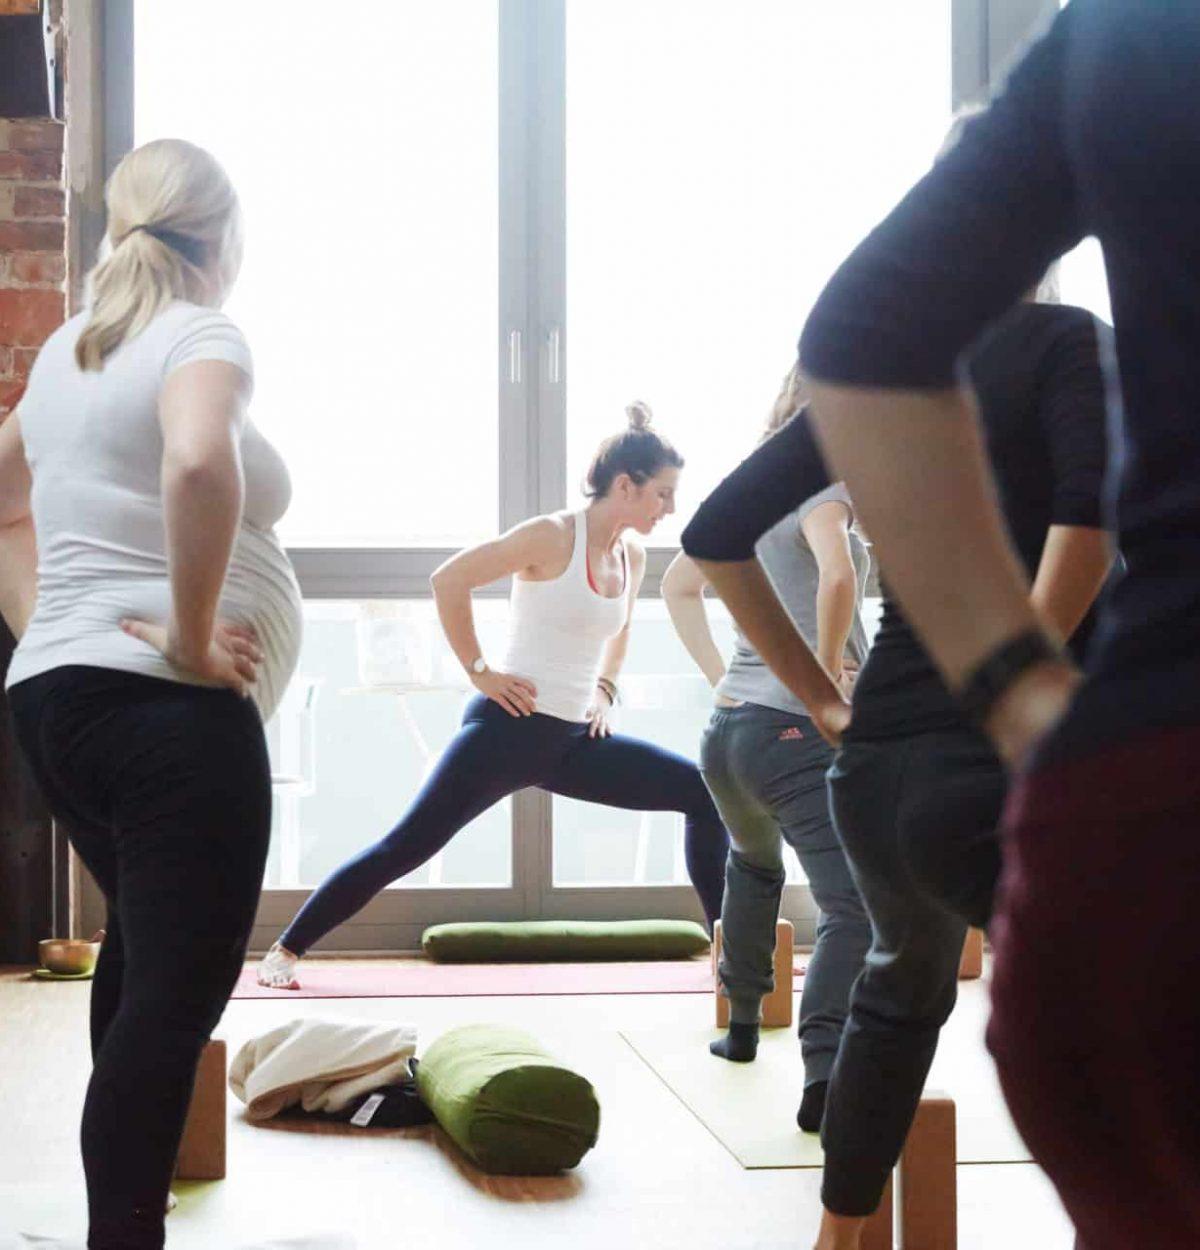 YogaManufaktur_Wuerzburg_Buergerbraeugelaende_Prenatal_Yoga_vor_der_Geburt_in_der_schwangerschaft4